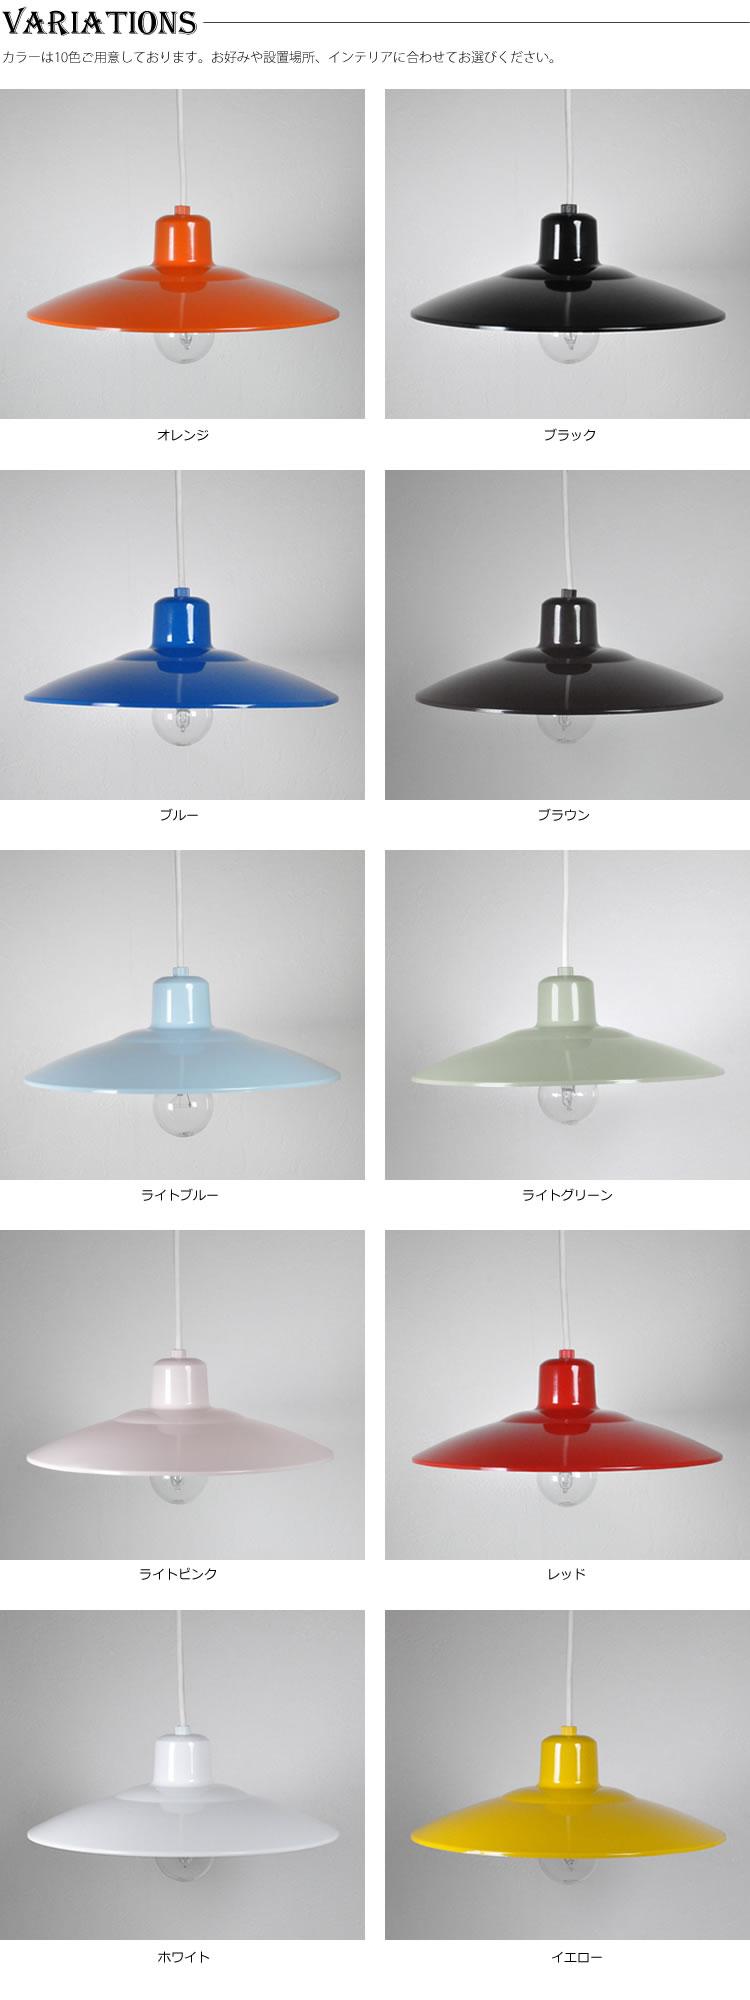 サークルライト SC-500 日本製 白熱灯 10色ペンダントライト 1灯 簡易取付対応 LED対応 フランジ コード調整器付 画像4